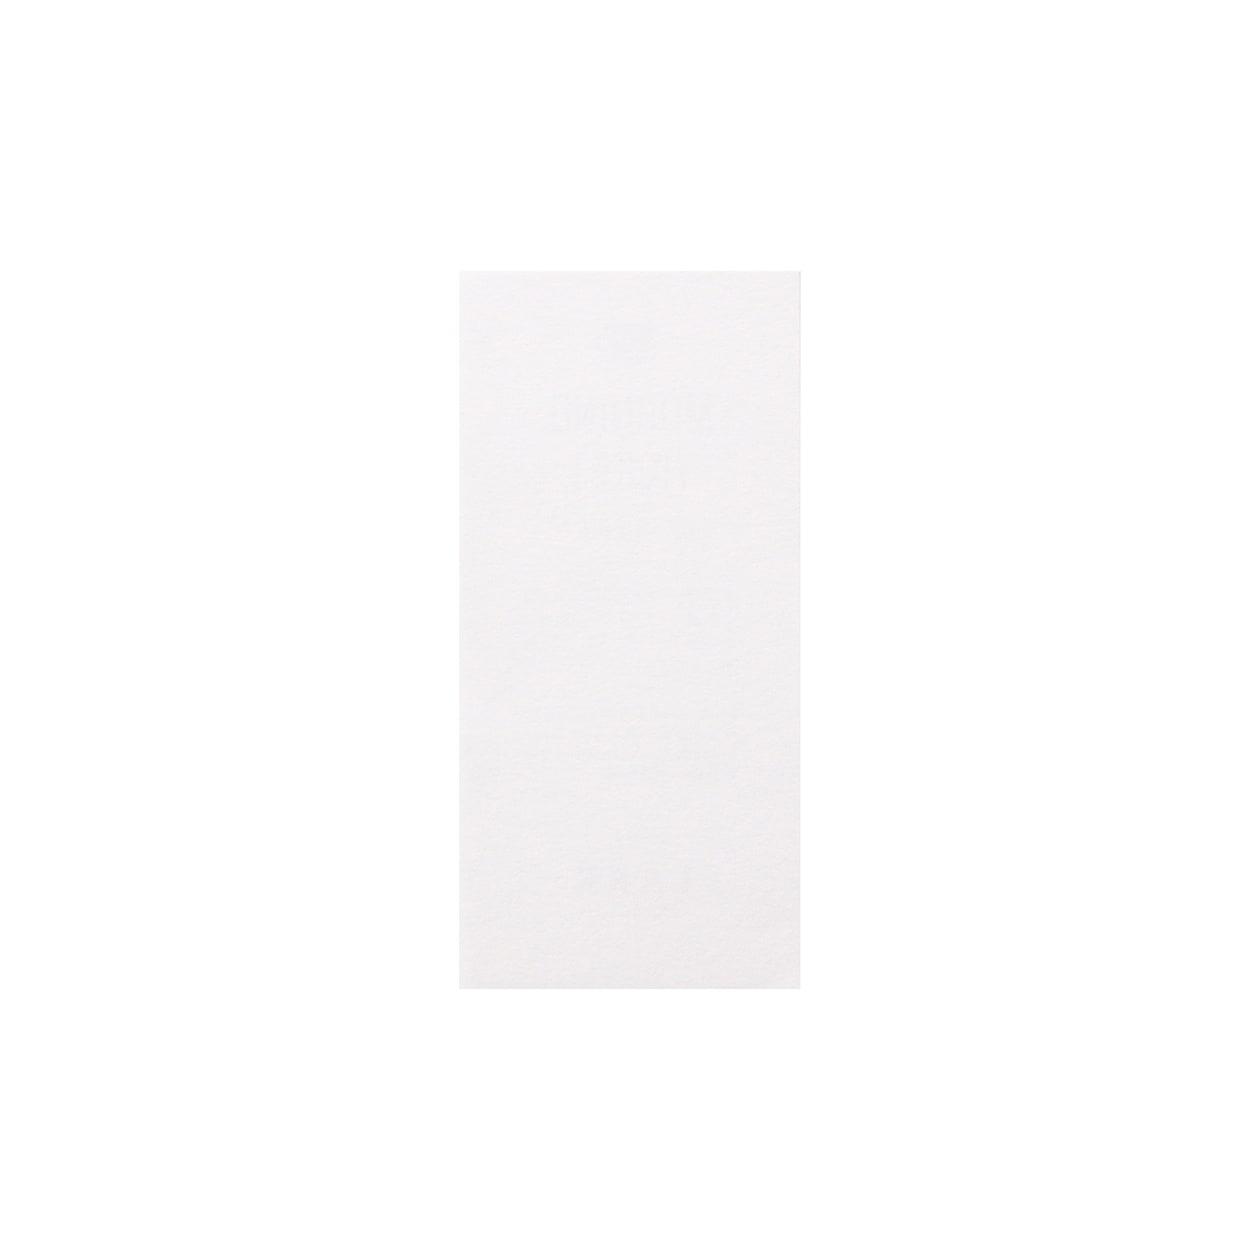 サンプル カード・シート 00284